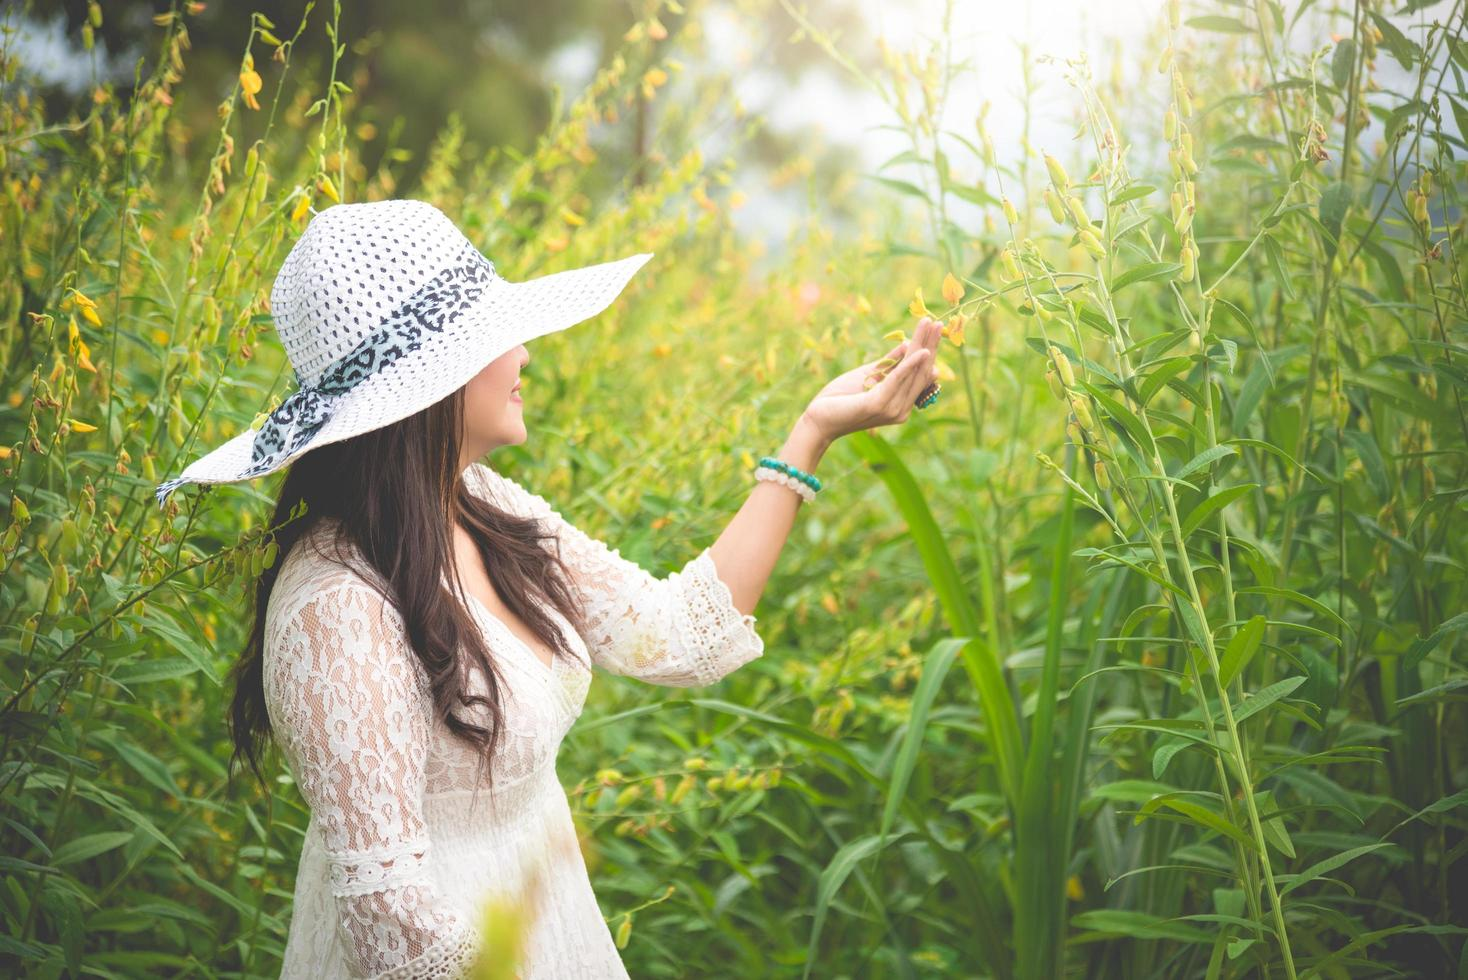 Schönheit asiatische Frau im weißen Kleid und Flügelhut zu Fuß in Rapsblumenfeld Hintergrund. Entspannung und Reisekonzept. Wellness glückliches Leben des Mädchens im Urlaub. Natur und Menschen Lifestyle foto